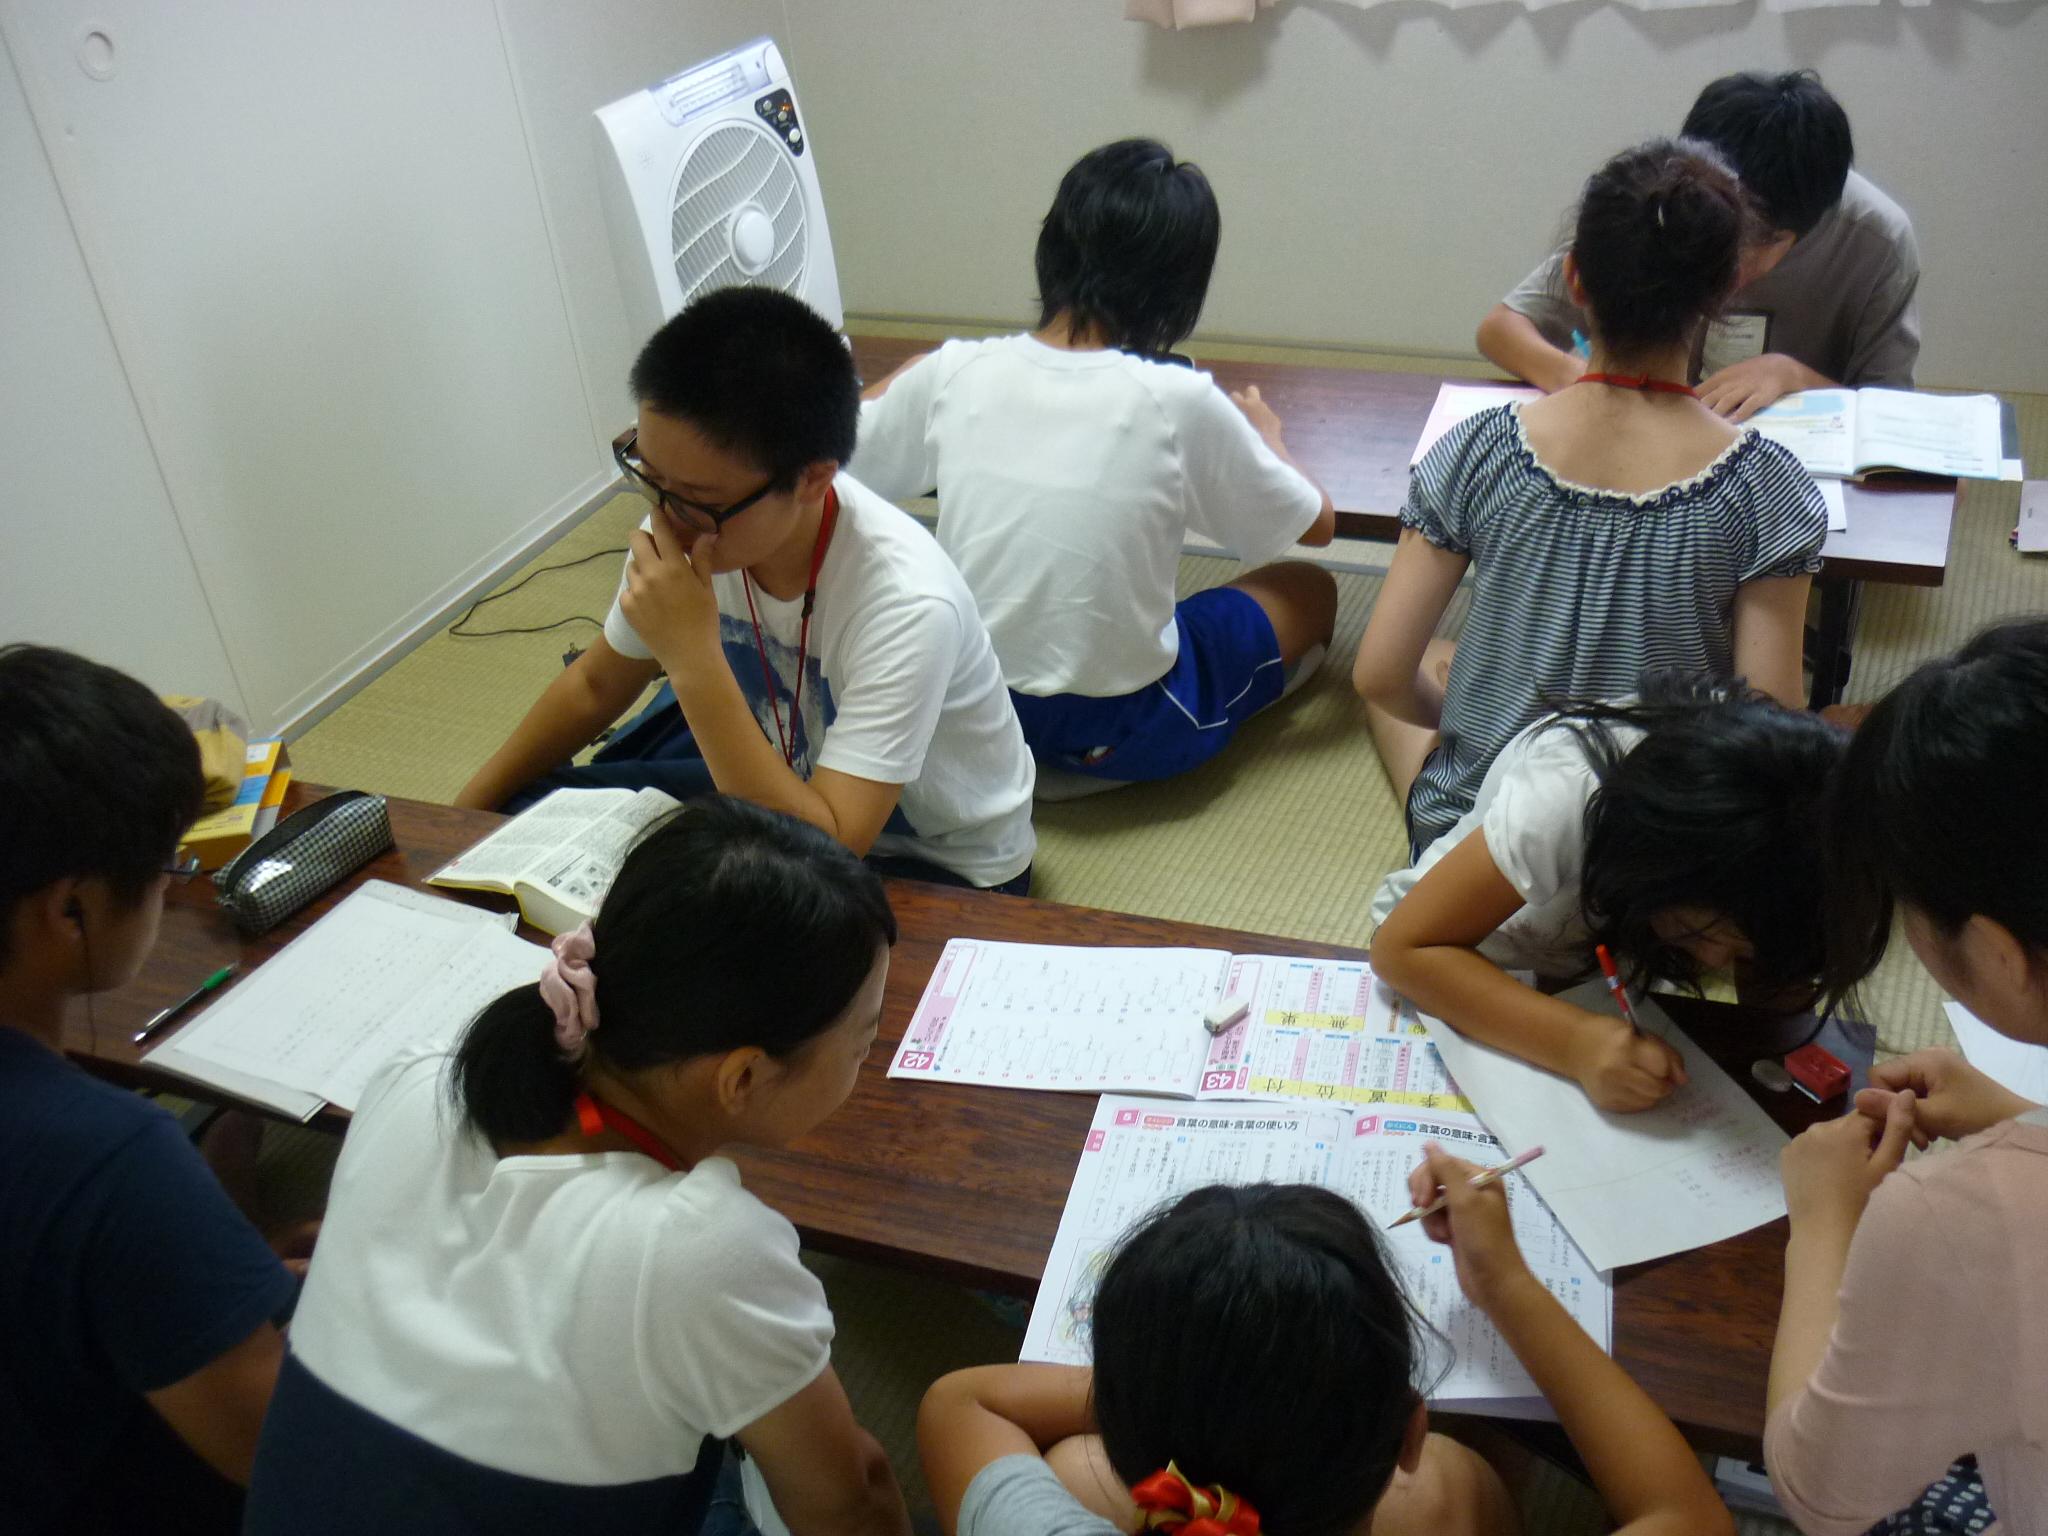 子どもと遊び・学ぶプロジェクト 学習室での自習風景(会津若松市)